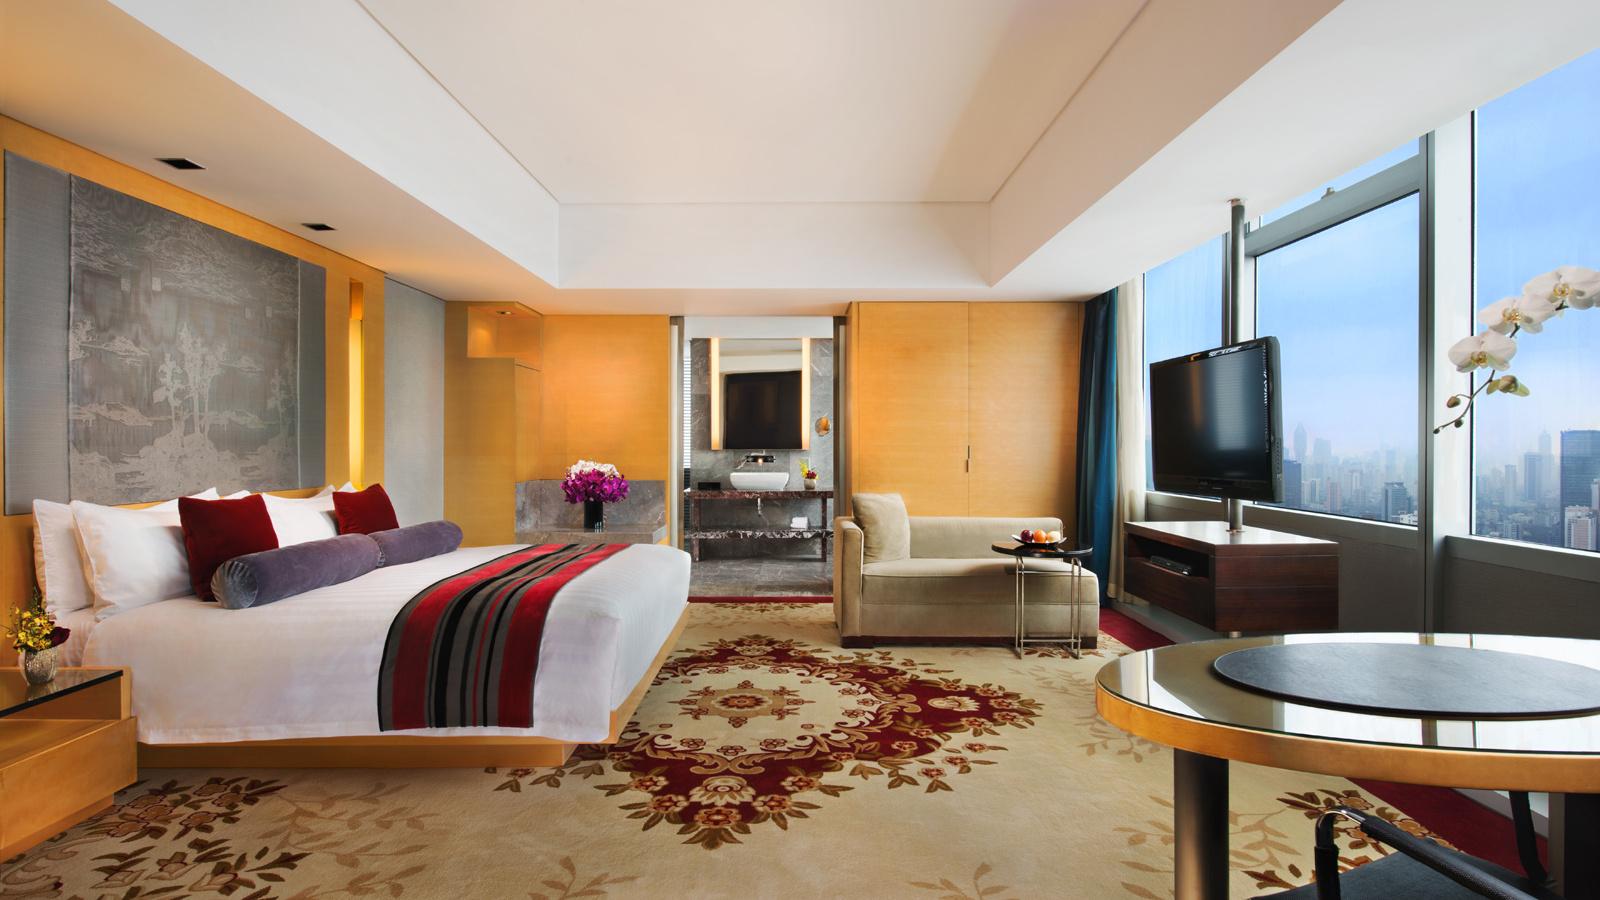 โรงแรมเดอะลองเกอมองท์ เซี่ยงไฮ้